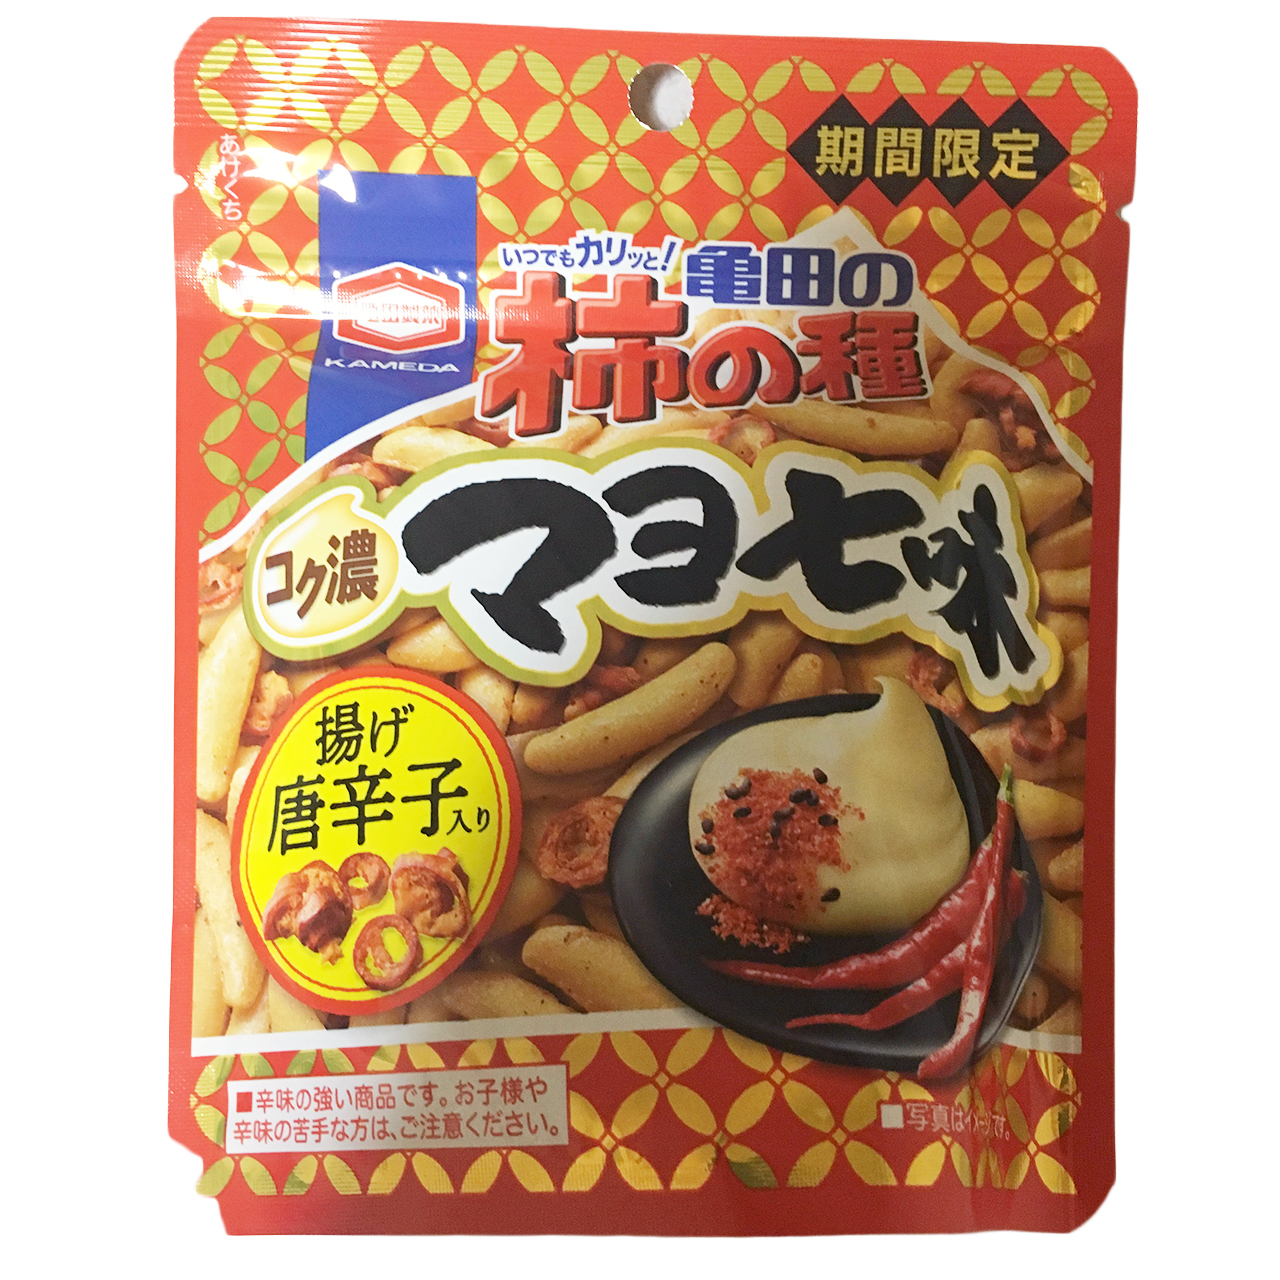 揚げ唐辛子という罠がある!「亀田の柿の種コク濃マヨ七味」